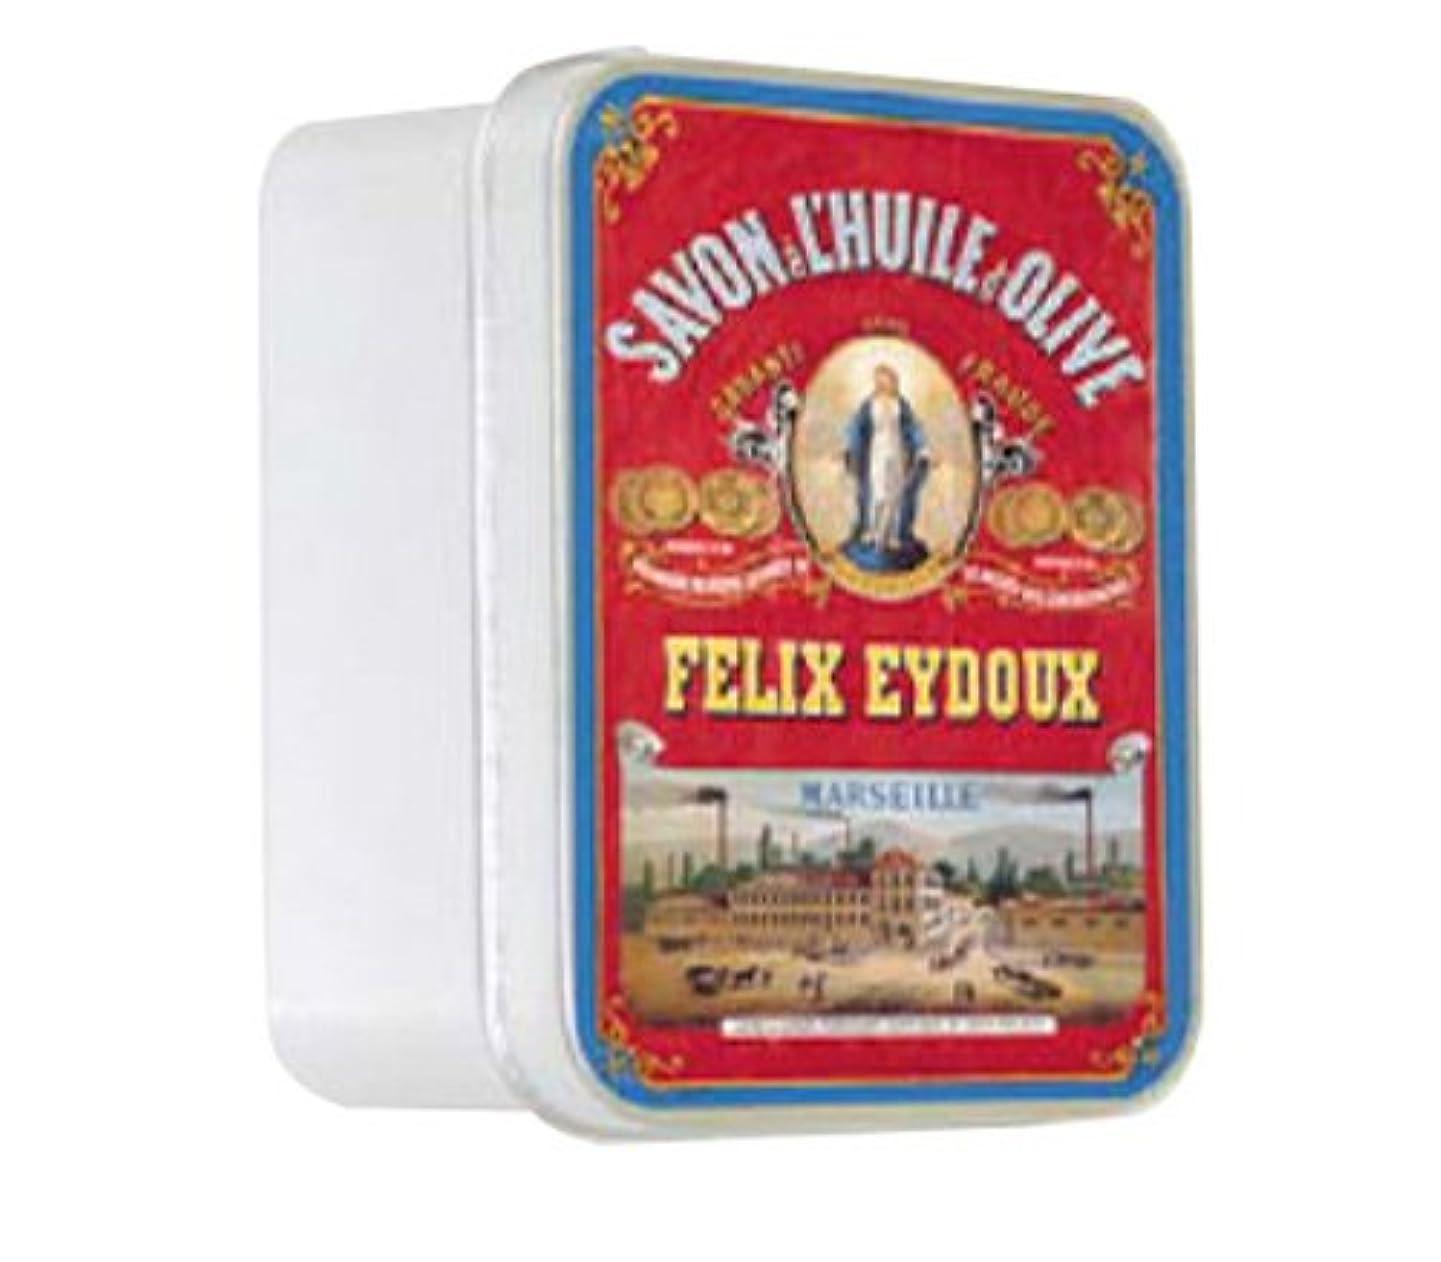 軽食シャンプー素子ルブランソープ メタルボックス(マルセイユソープ?オリーブの香り)石鹸